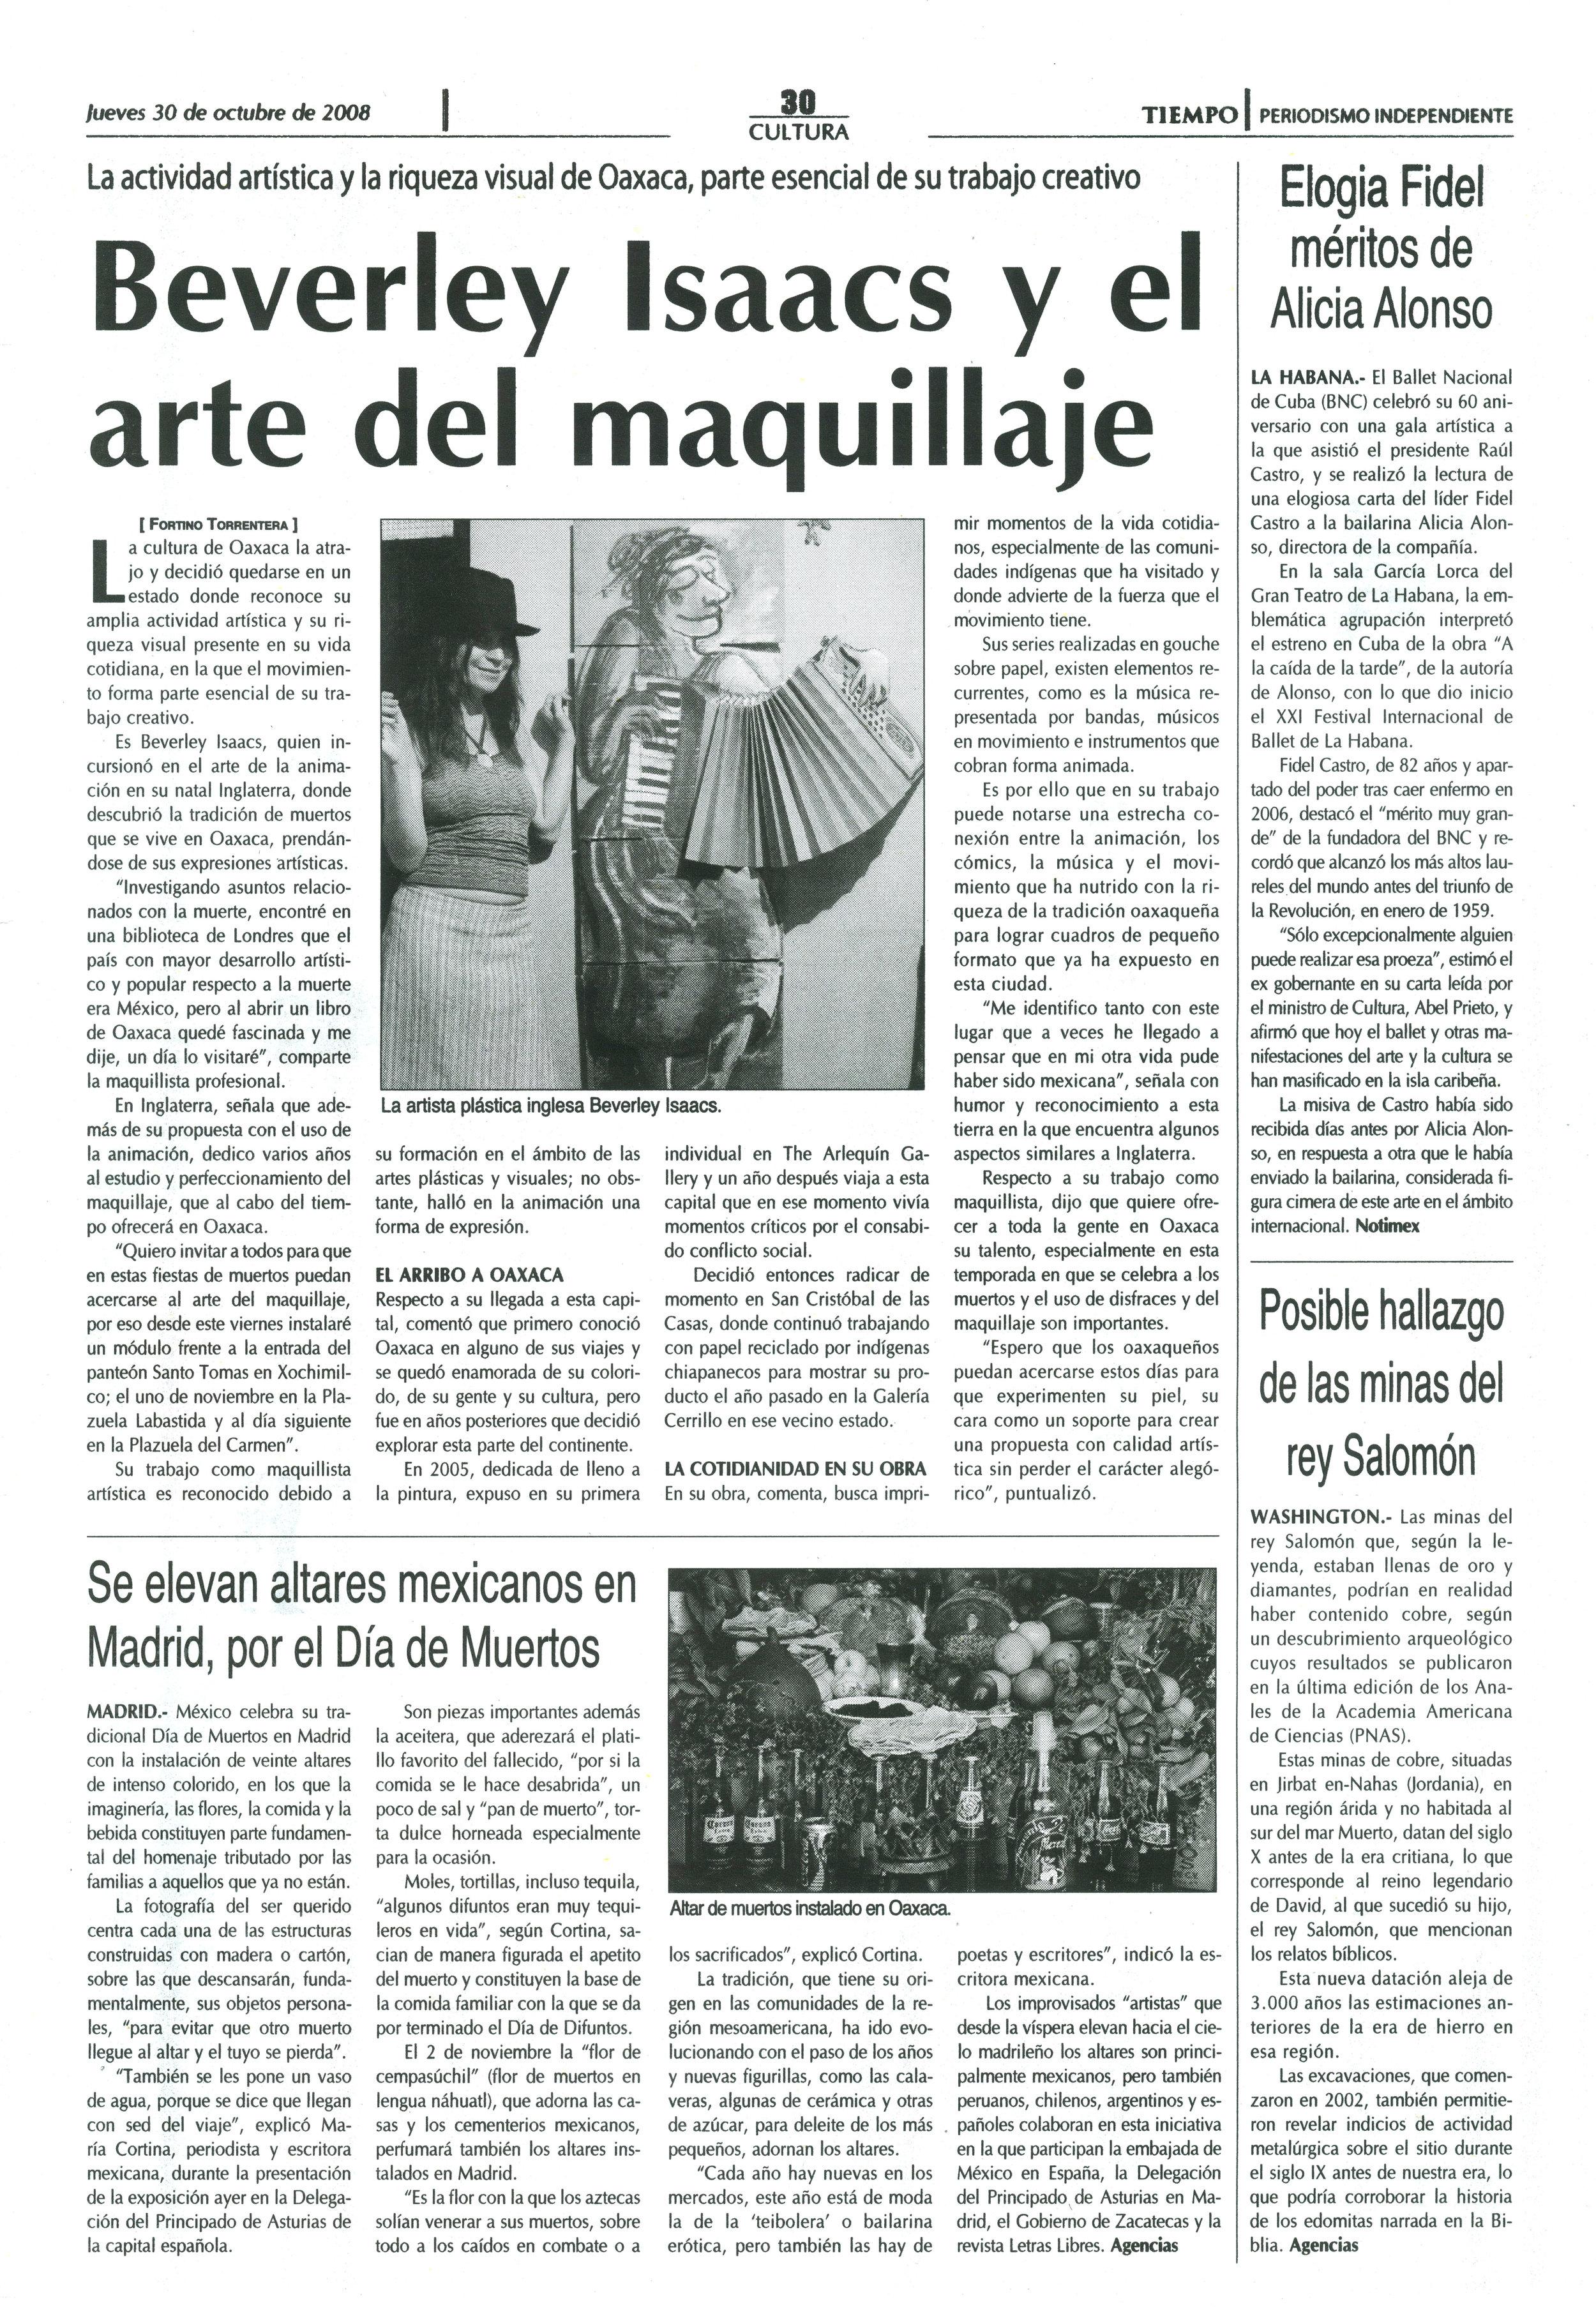 El Tiempo | 30 October 2008